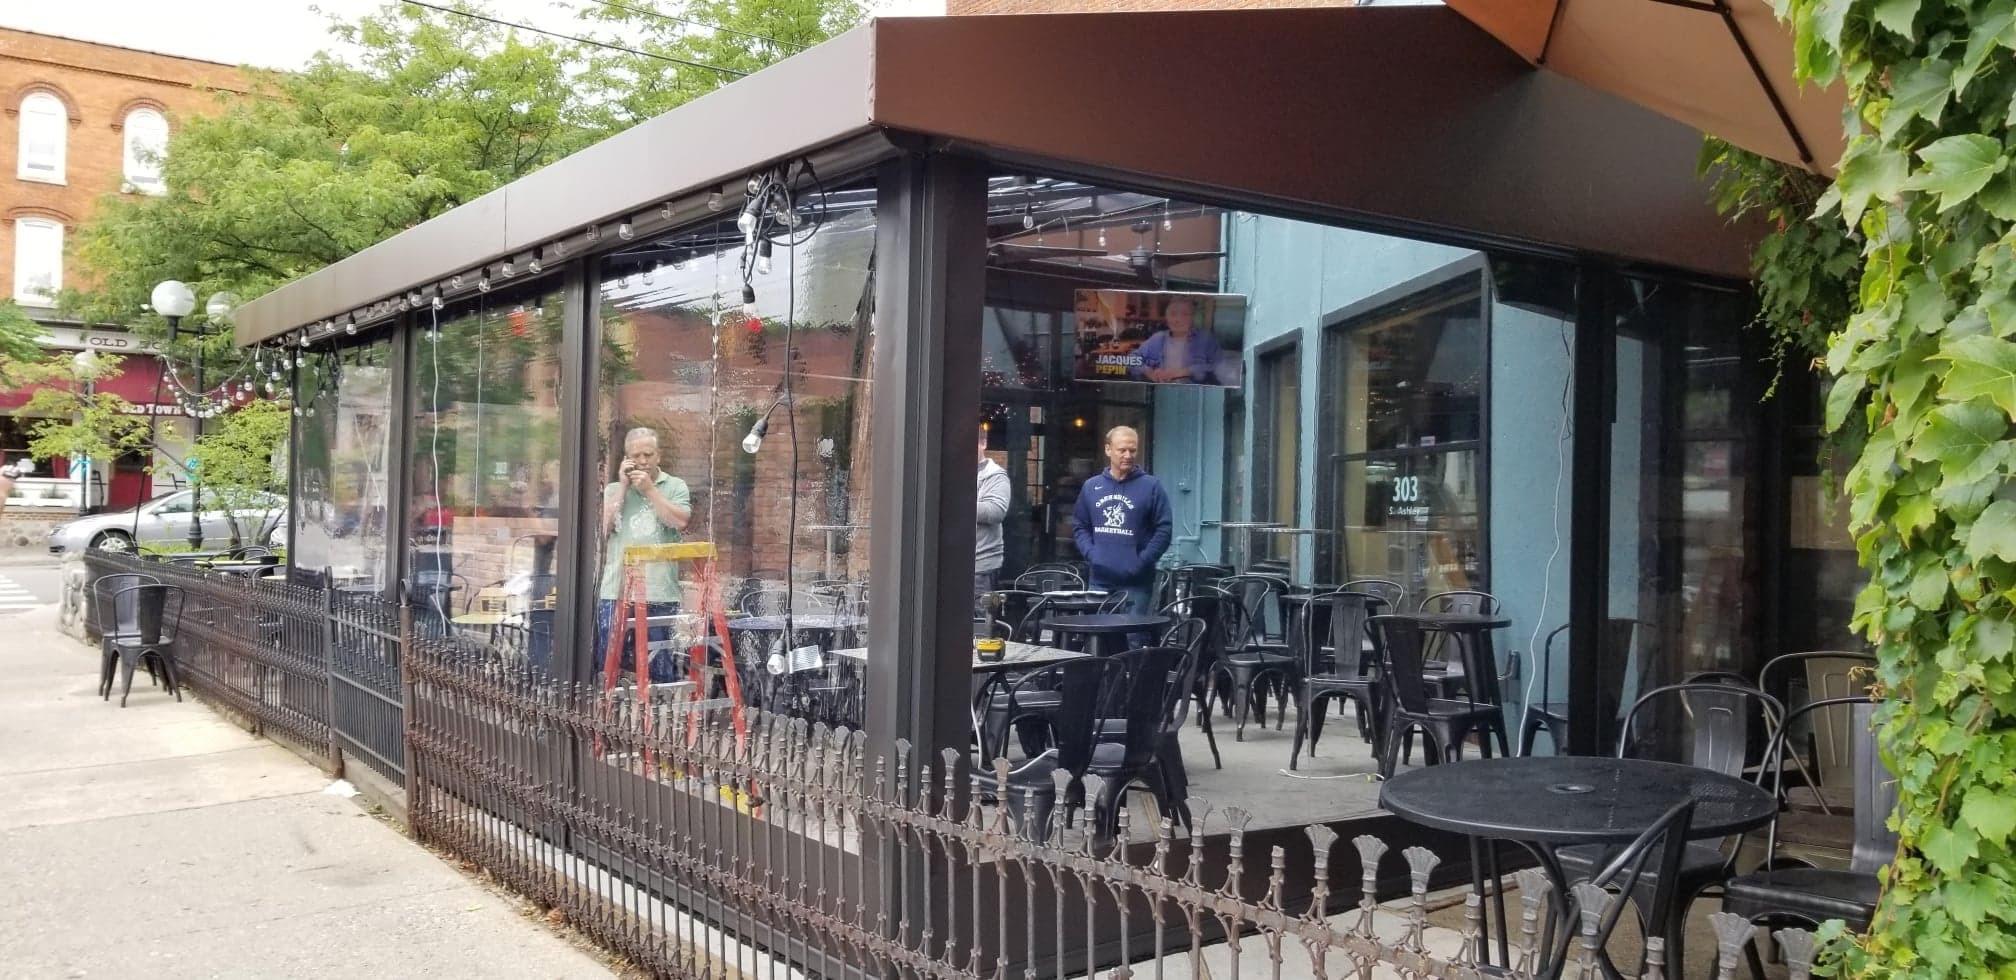 Solar Shades Outdoor Restaurant